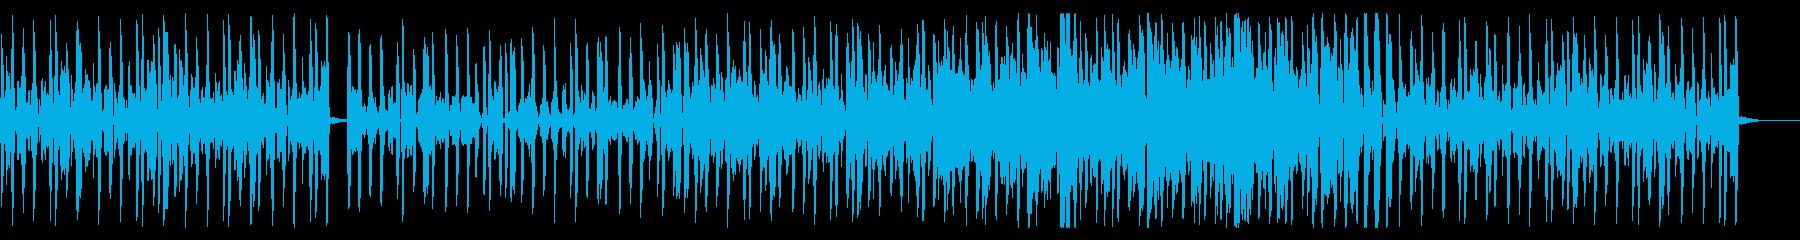 ビートの効いた哀愁溢れるR&Bの再生済みの波形